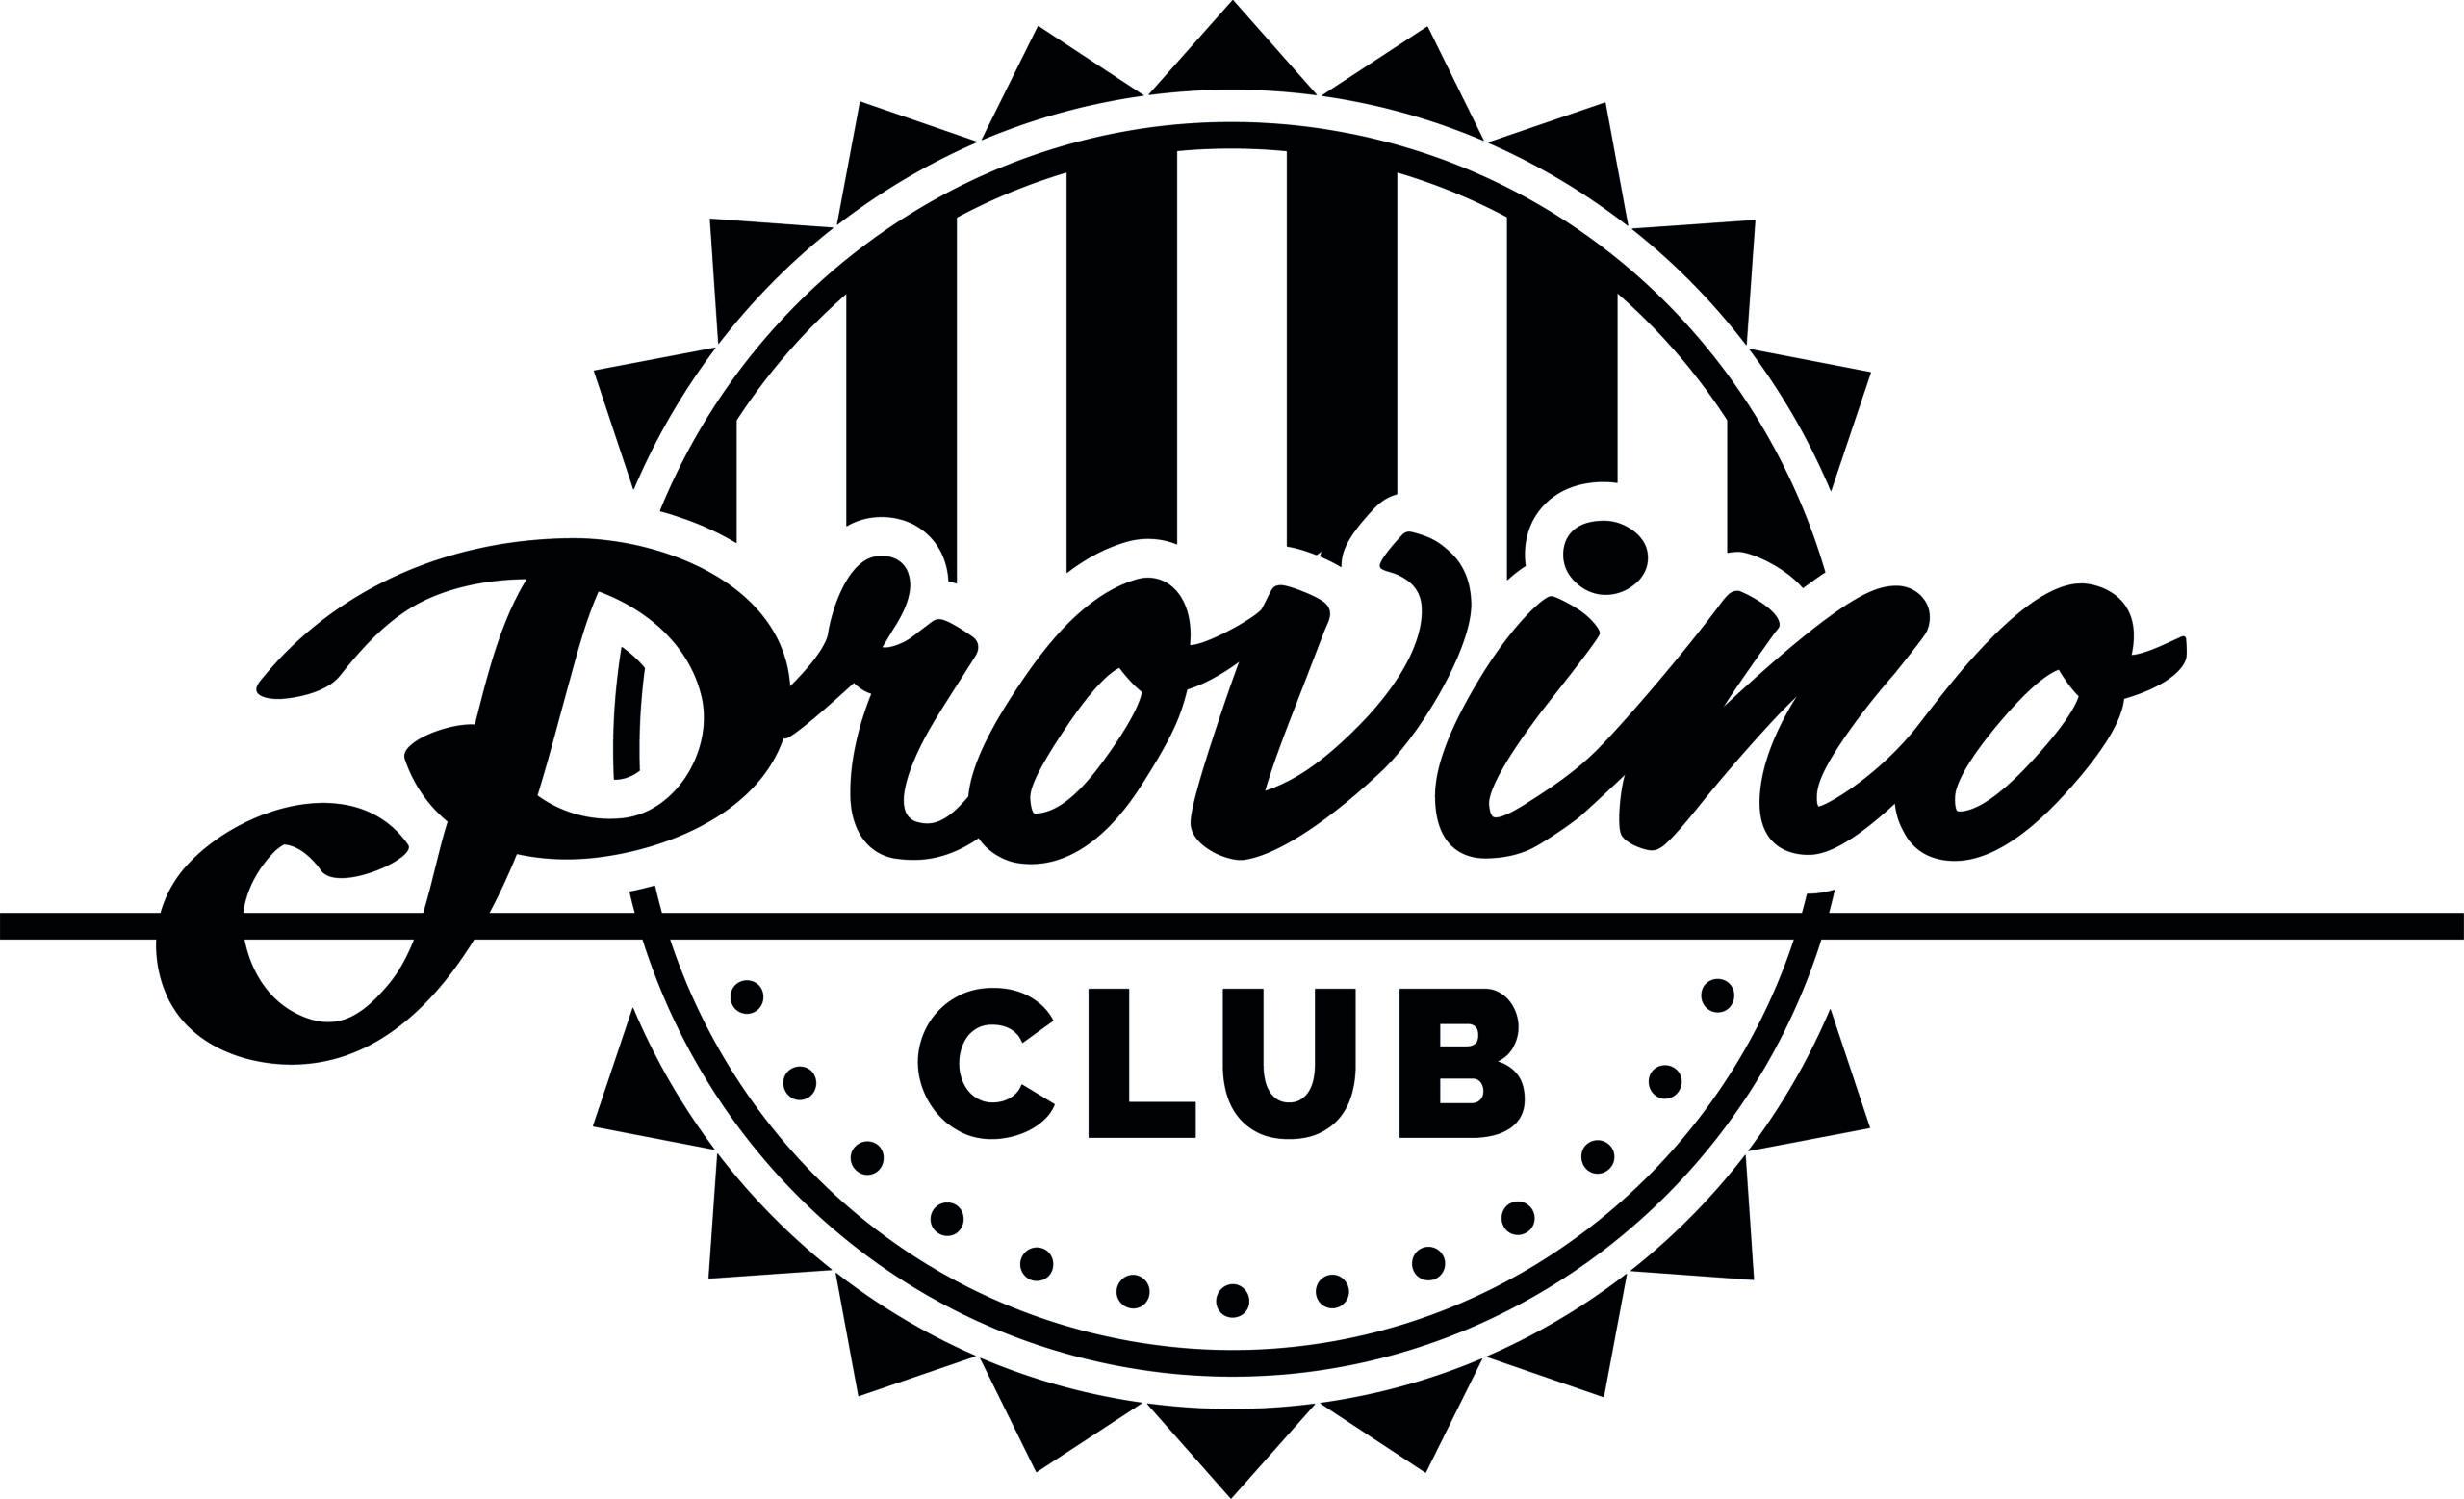 provino club